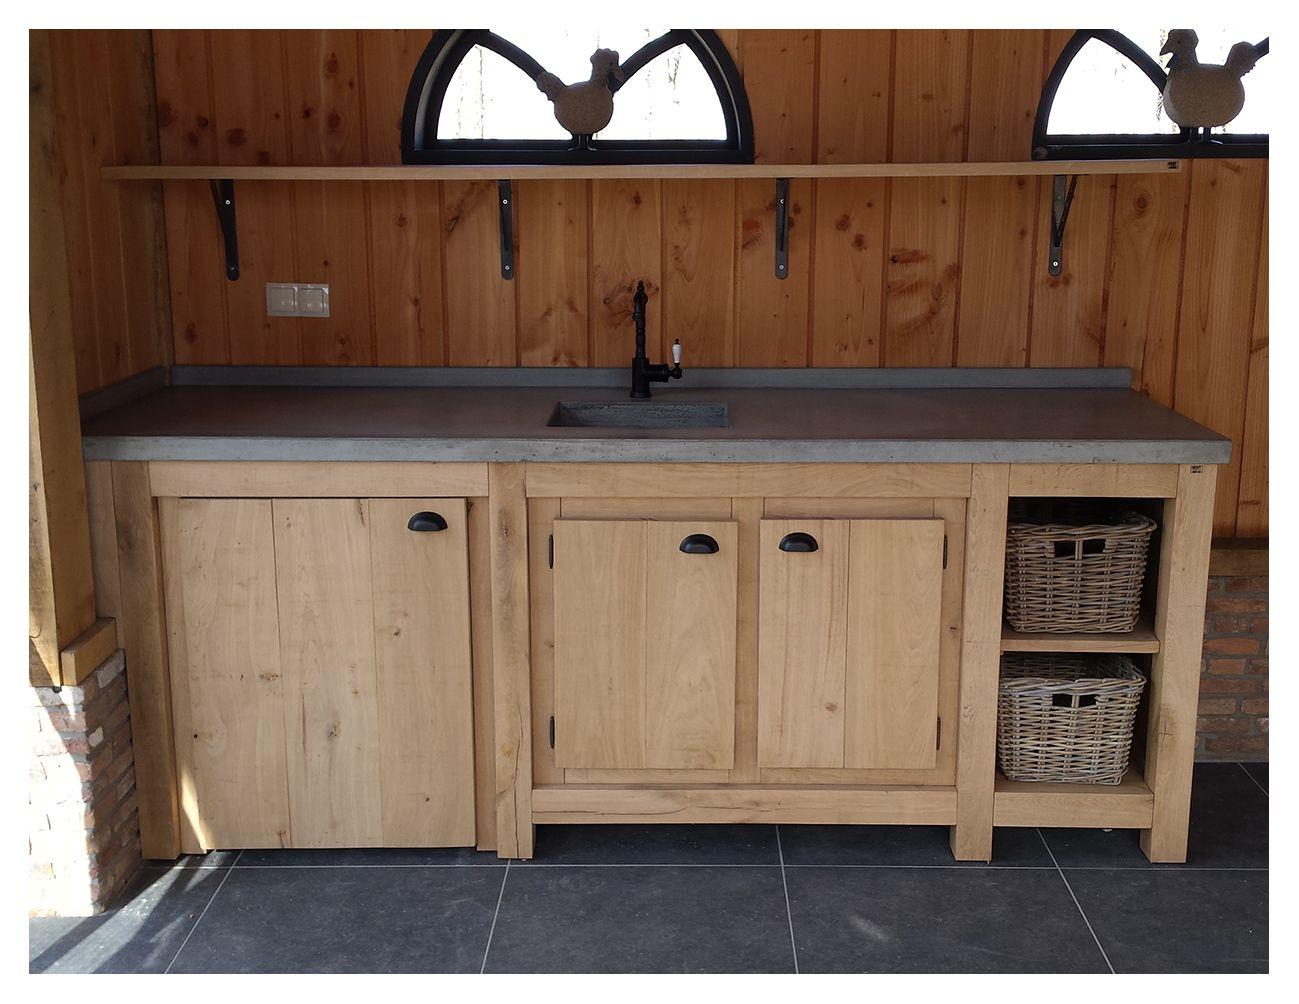 Houten Buiten Keuken : Houtsmederij houten buitenkeuken op maat boerenkeuken